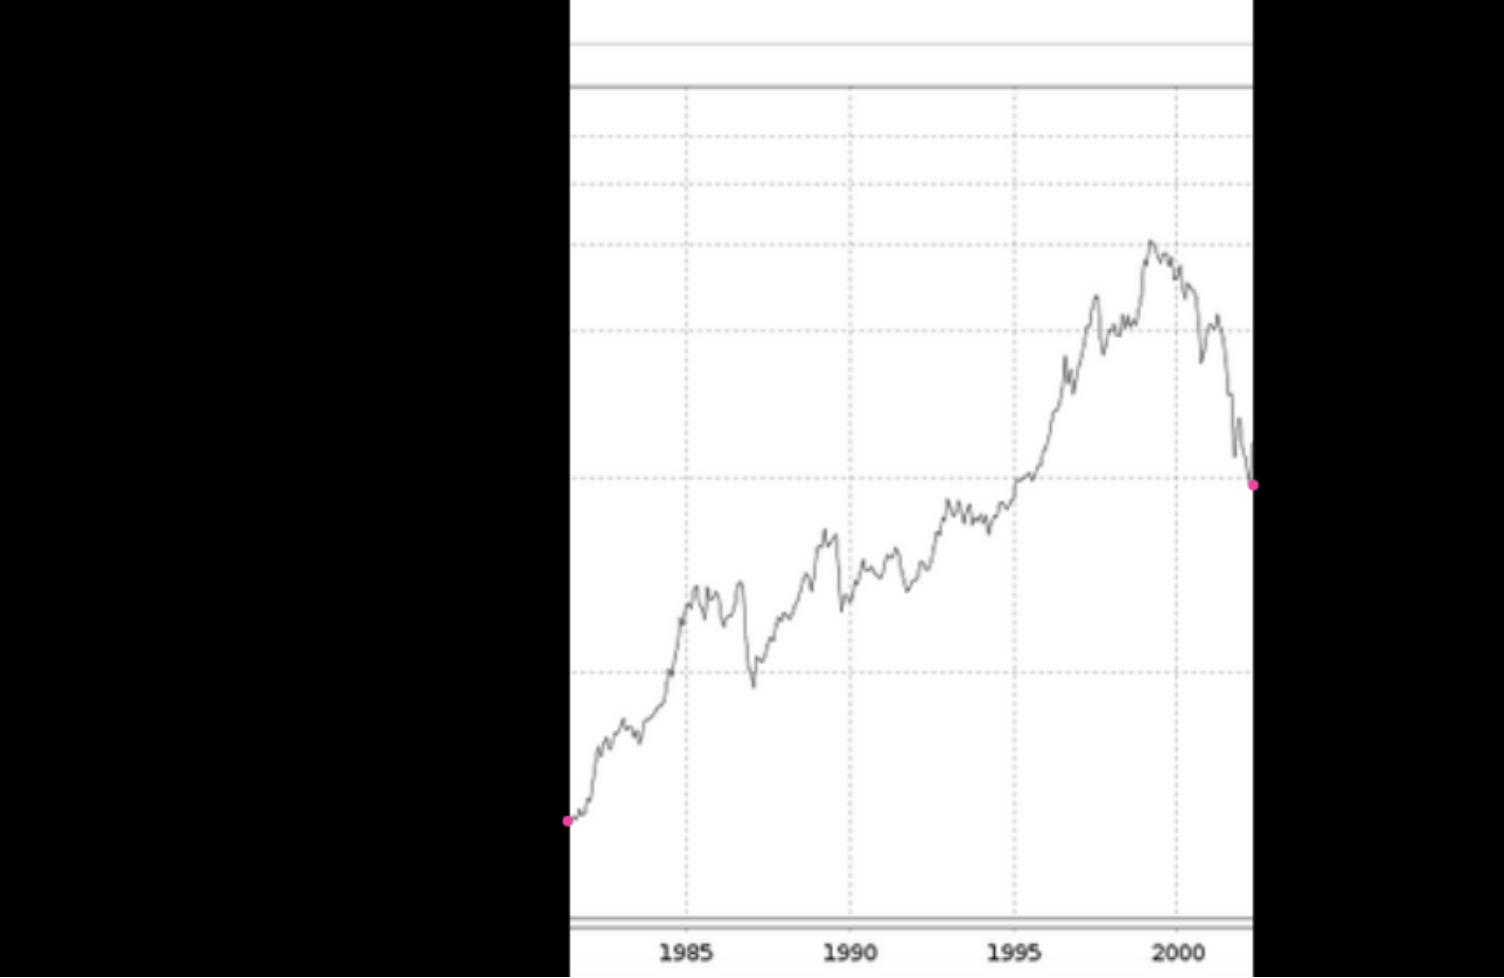 Investment für 20 Jahre:   Nochmal besser sieht das Ganze übrigens aus, wenn der Anleger 20 Jahre Geduld bewiesen hätte. Immer noch ist der Verkaufszeitpunkt mies. Und trotzdem ist der Gewinn mehr als nur ordentlich.  Gutes Investment? Hell, yes!